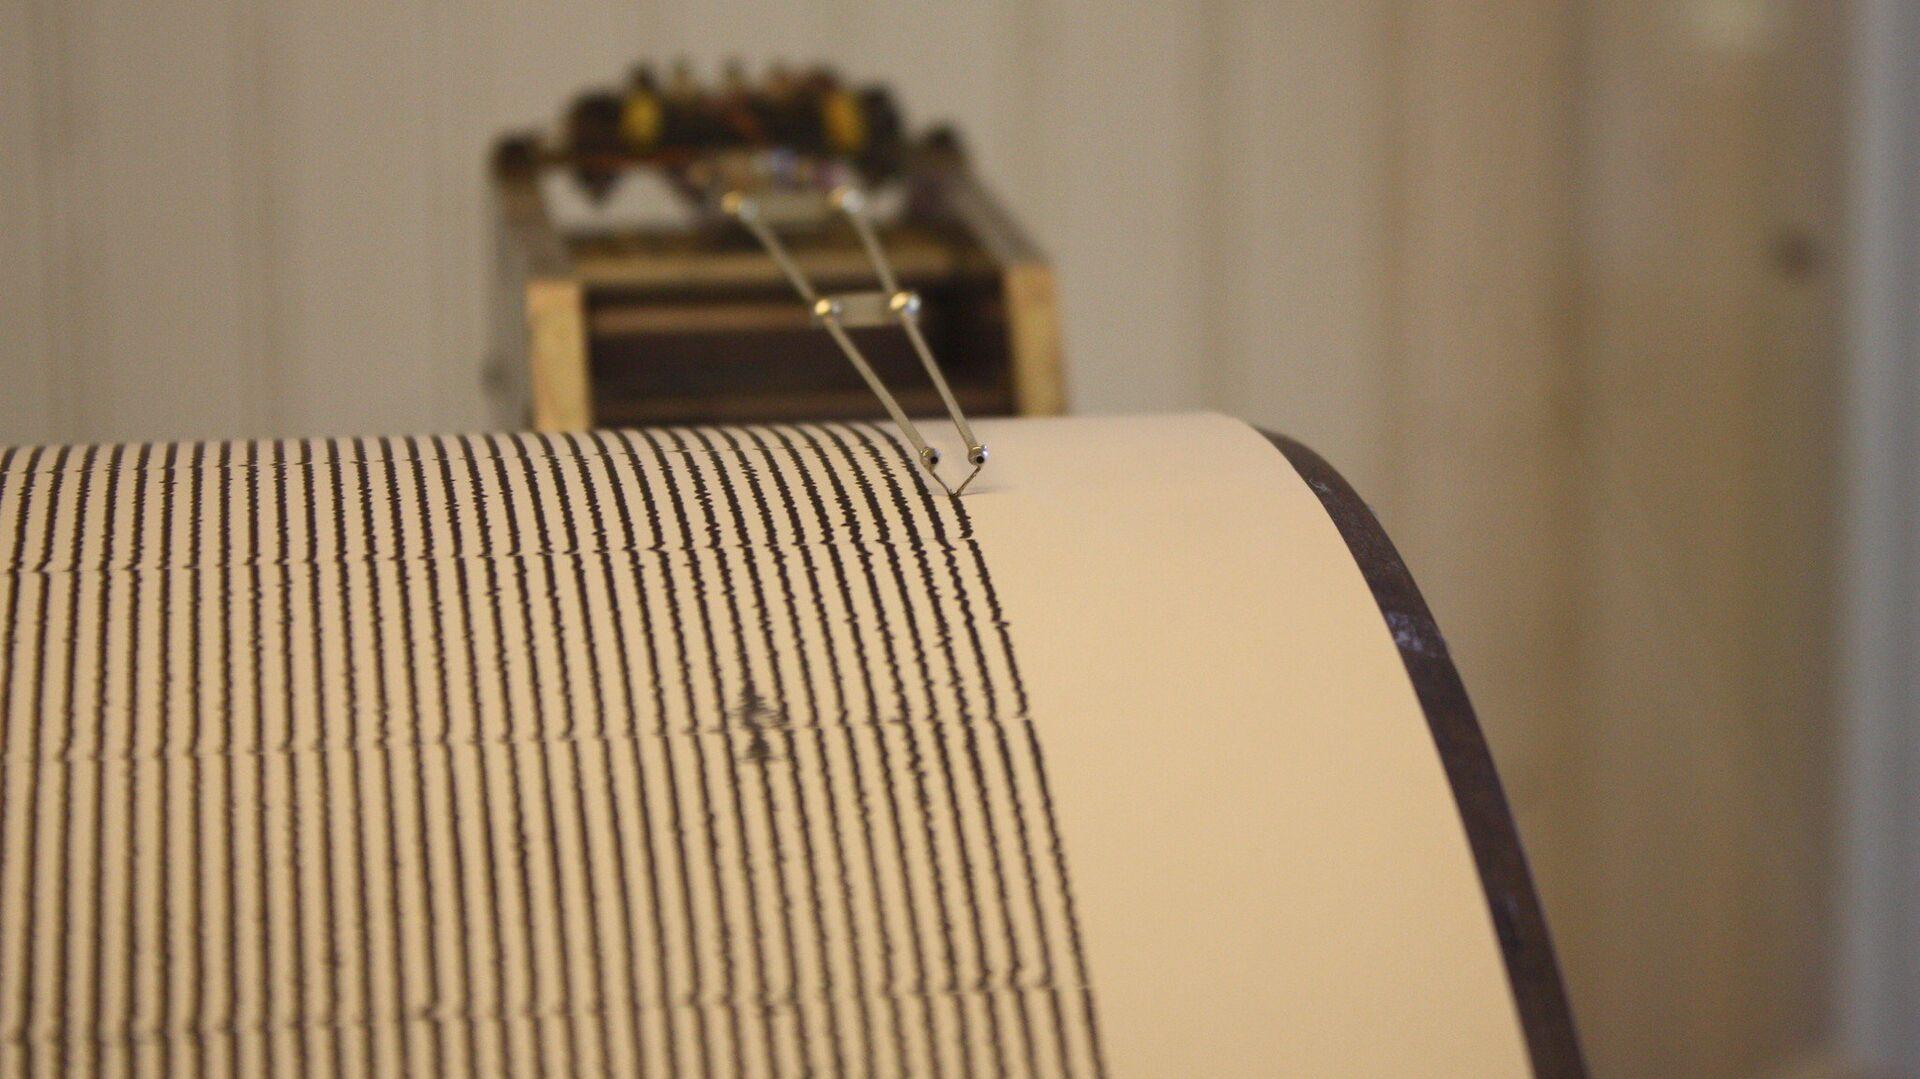 Seismograph, San Juan Bautista Mission - Sputnik International, 1920, 04.03.2021